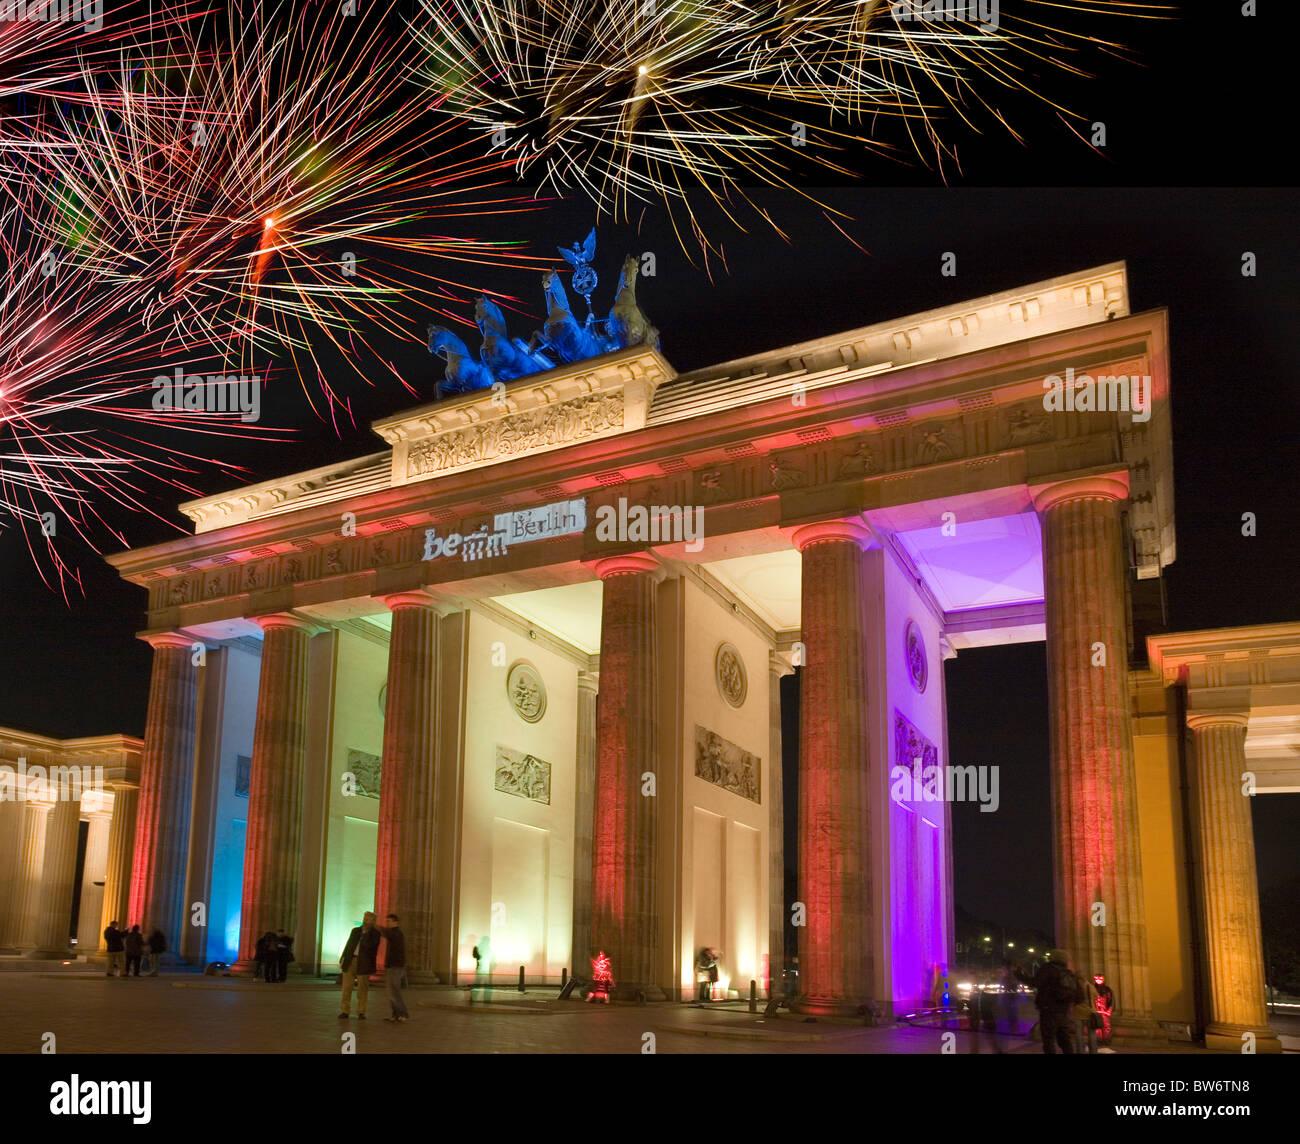 Brandenburg Gate, Berlin, Germany - Festival of Lights 2008 / Brandenburger Tor Stock Photo